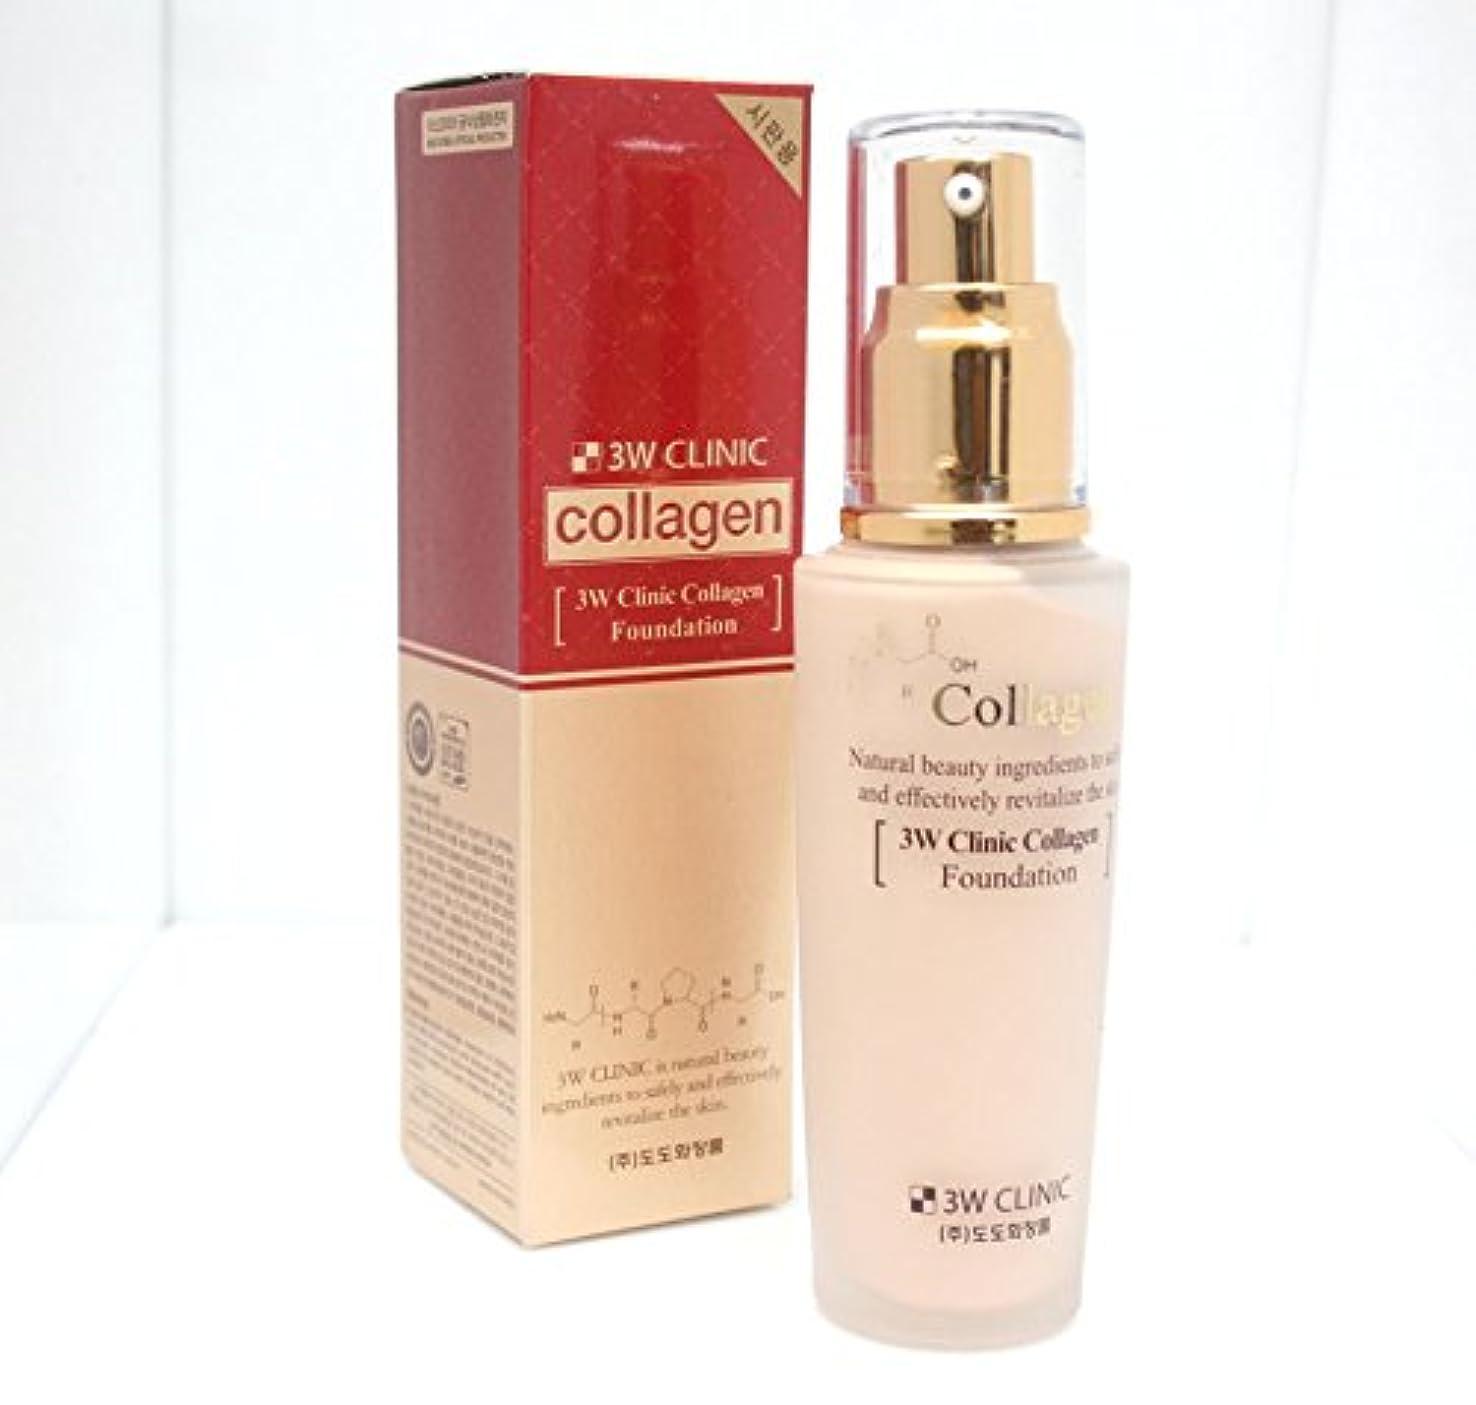 ソート名詞天才[3w Clinic]  コラーゲンファンデーション50ml / Collagen Foundation 50ml/ パーフェクトカバーBBクリーム / 21クリアベージュ / Perfect Cover BB Cream...